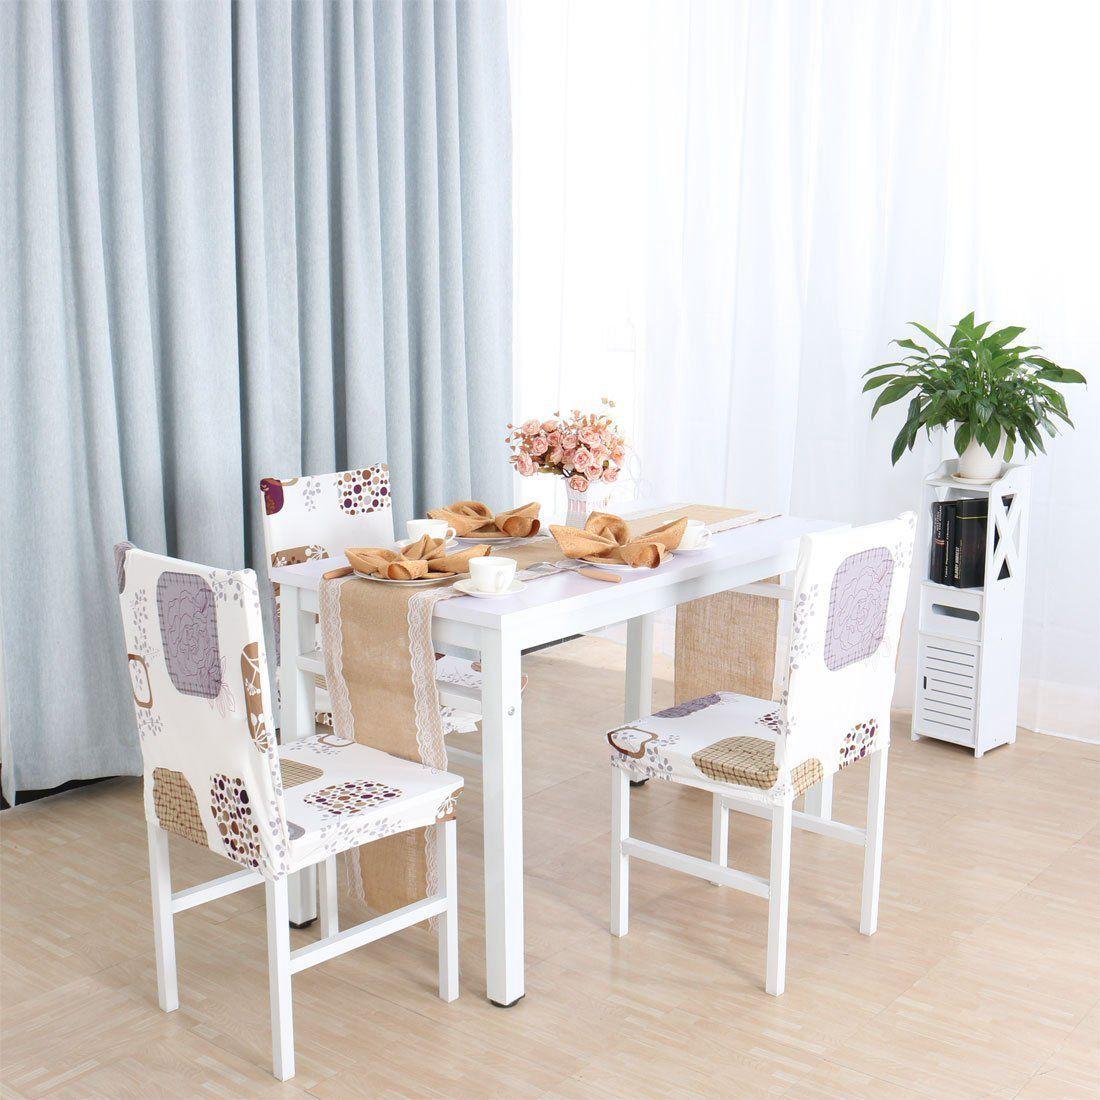 Квадратный съемный моющийся короткие стулья охватывает протектор сиденье Чехол для Свадебная вечеринка ресторан, Банкетный Декор для дома...